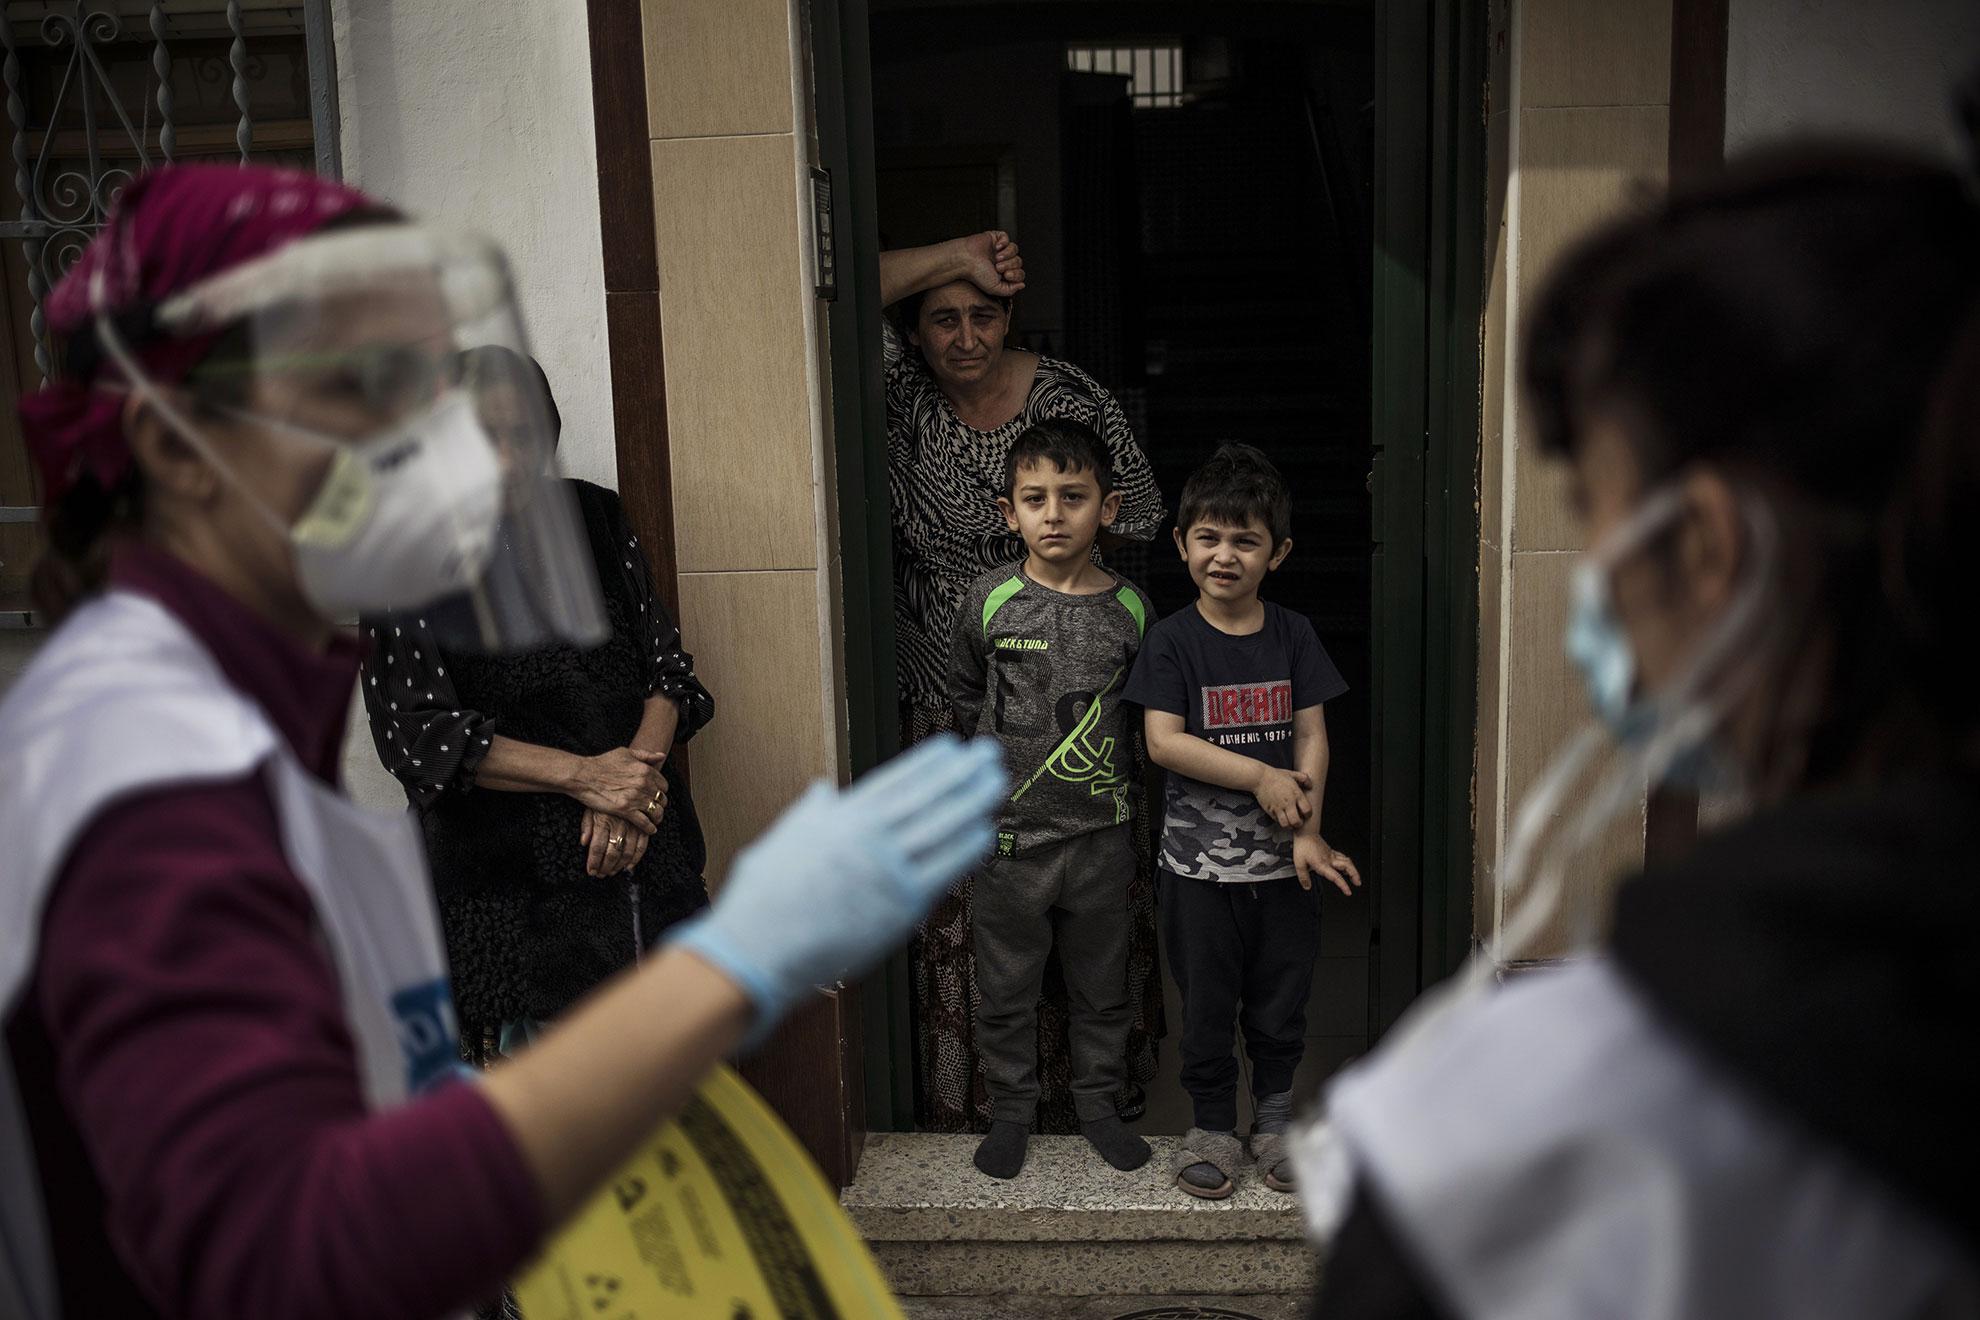 Miembros de una familia gitana-rumana escuchan instrucciones sobre cómo evitar la infección por coronavirus que detalla un médico voluntario de la ONG española Médicos del Mundo, en la puerta de su hogar en Granada, España, como parte de una campaña de información y sensibilización sobre el COVID-19 al colectivo.